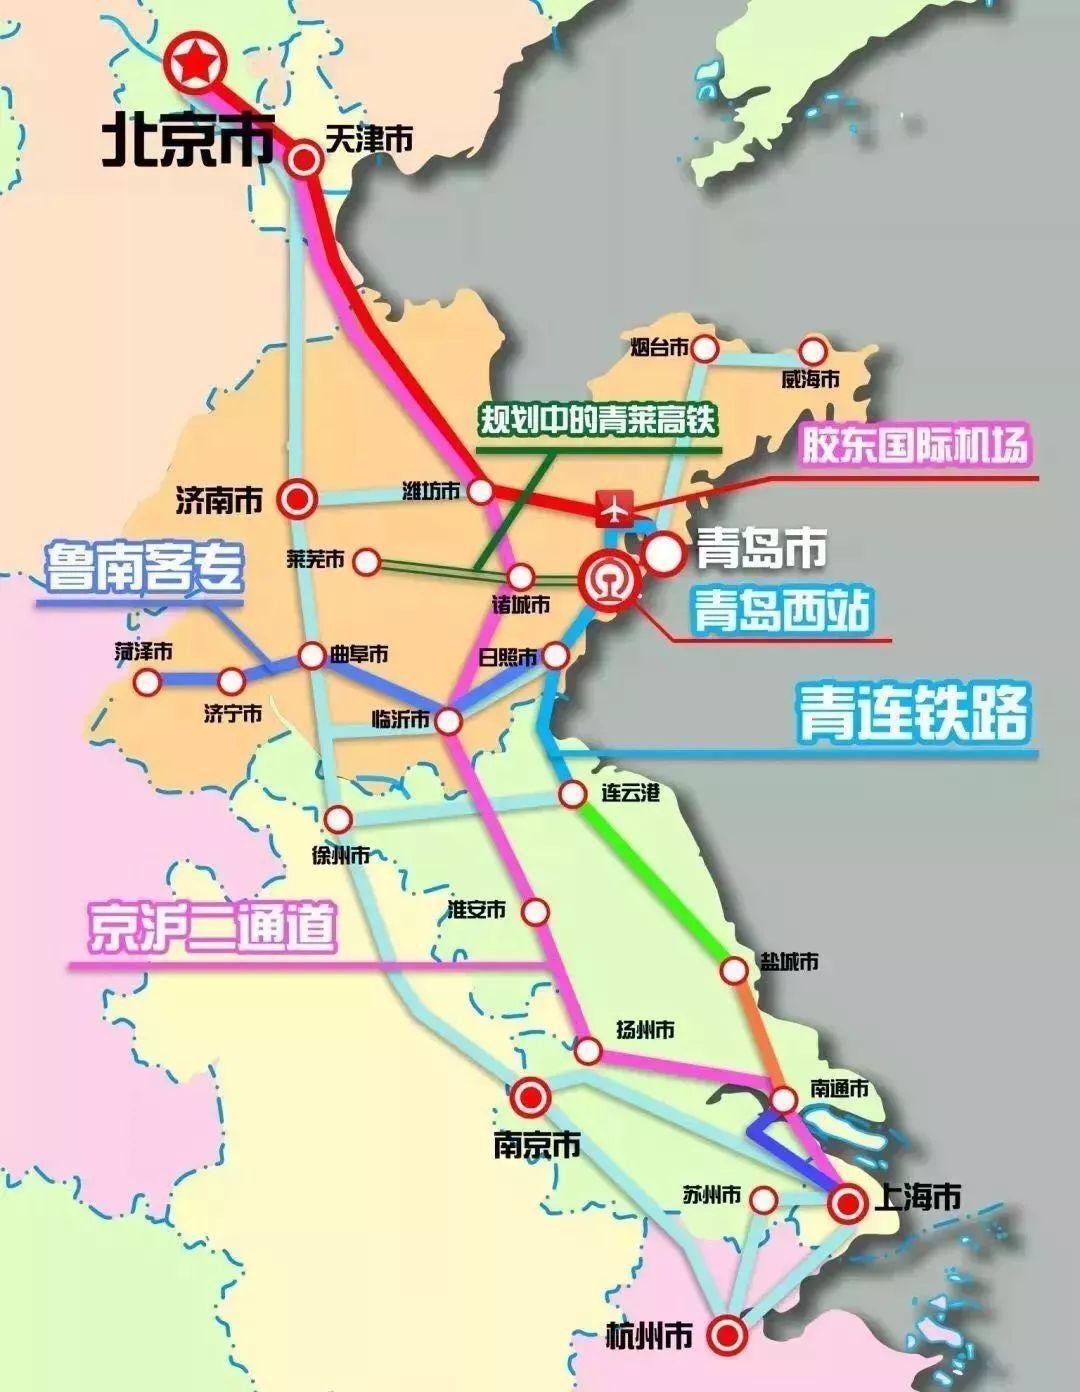 时刻表查询新沂到苏州 新沂至徐州时刻表-元珍旅游